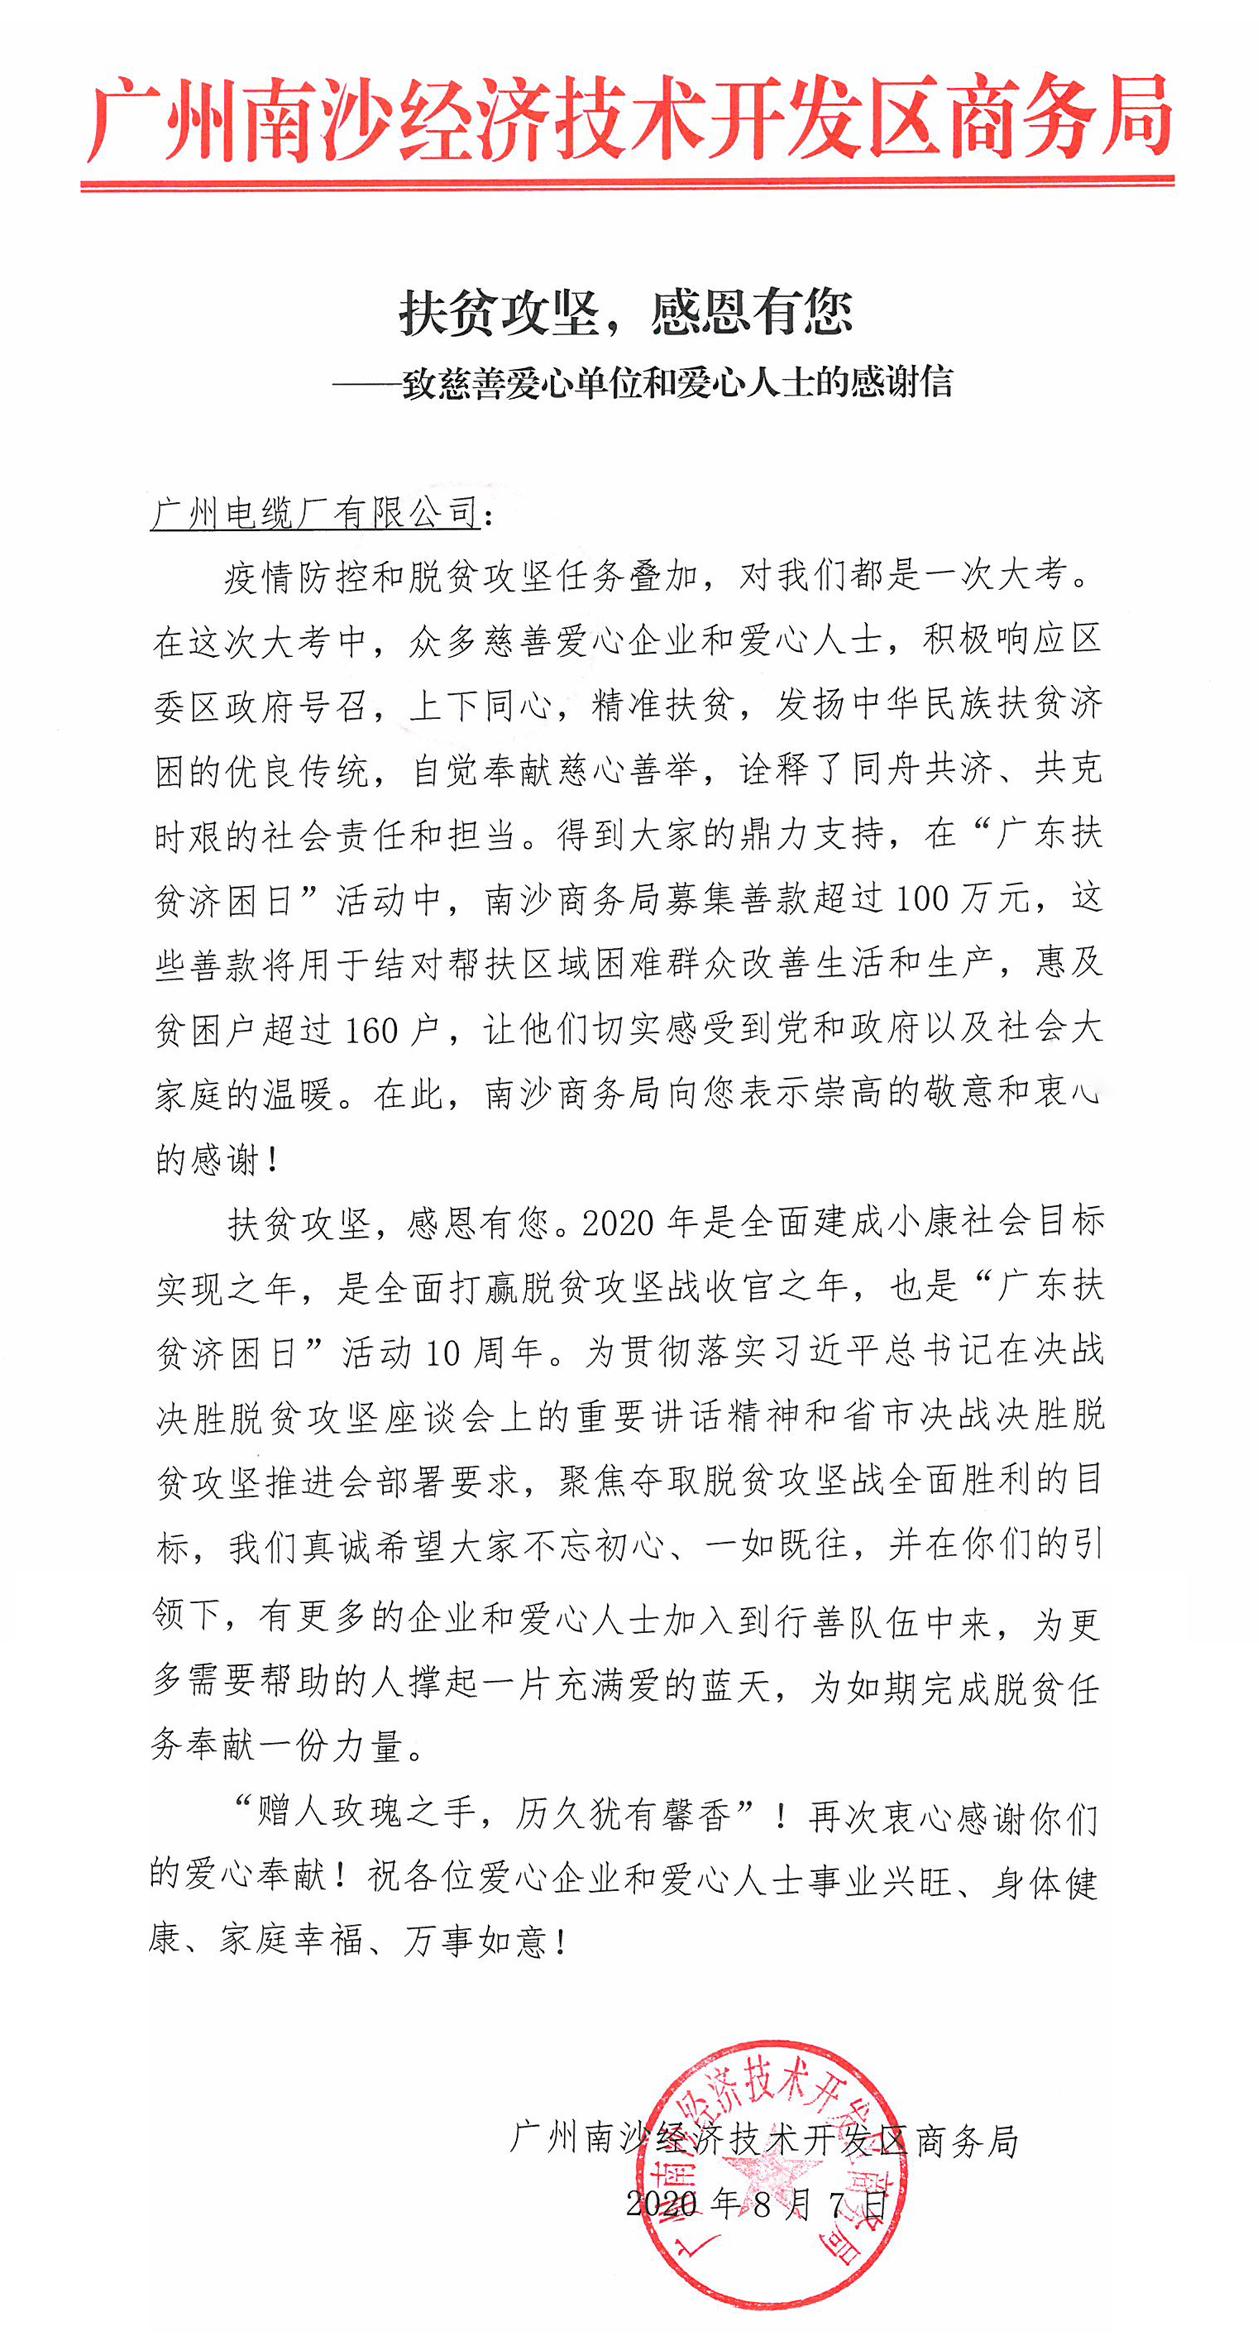 广州电缆履行国企担当,精准扶贫受赞扬!